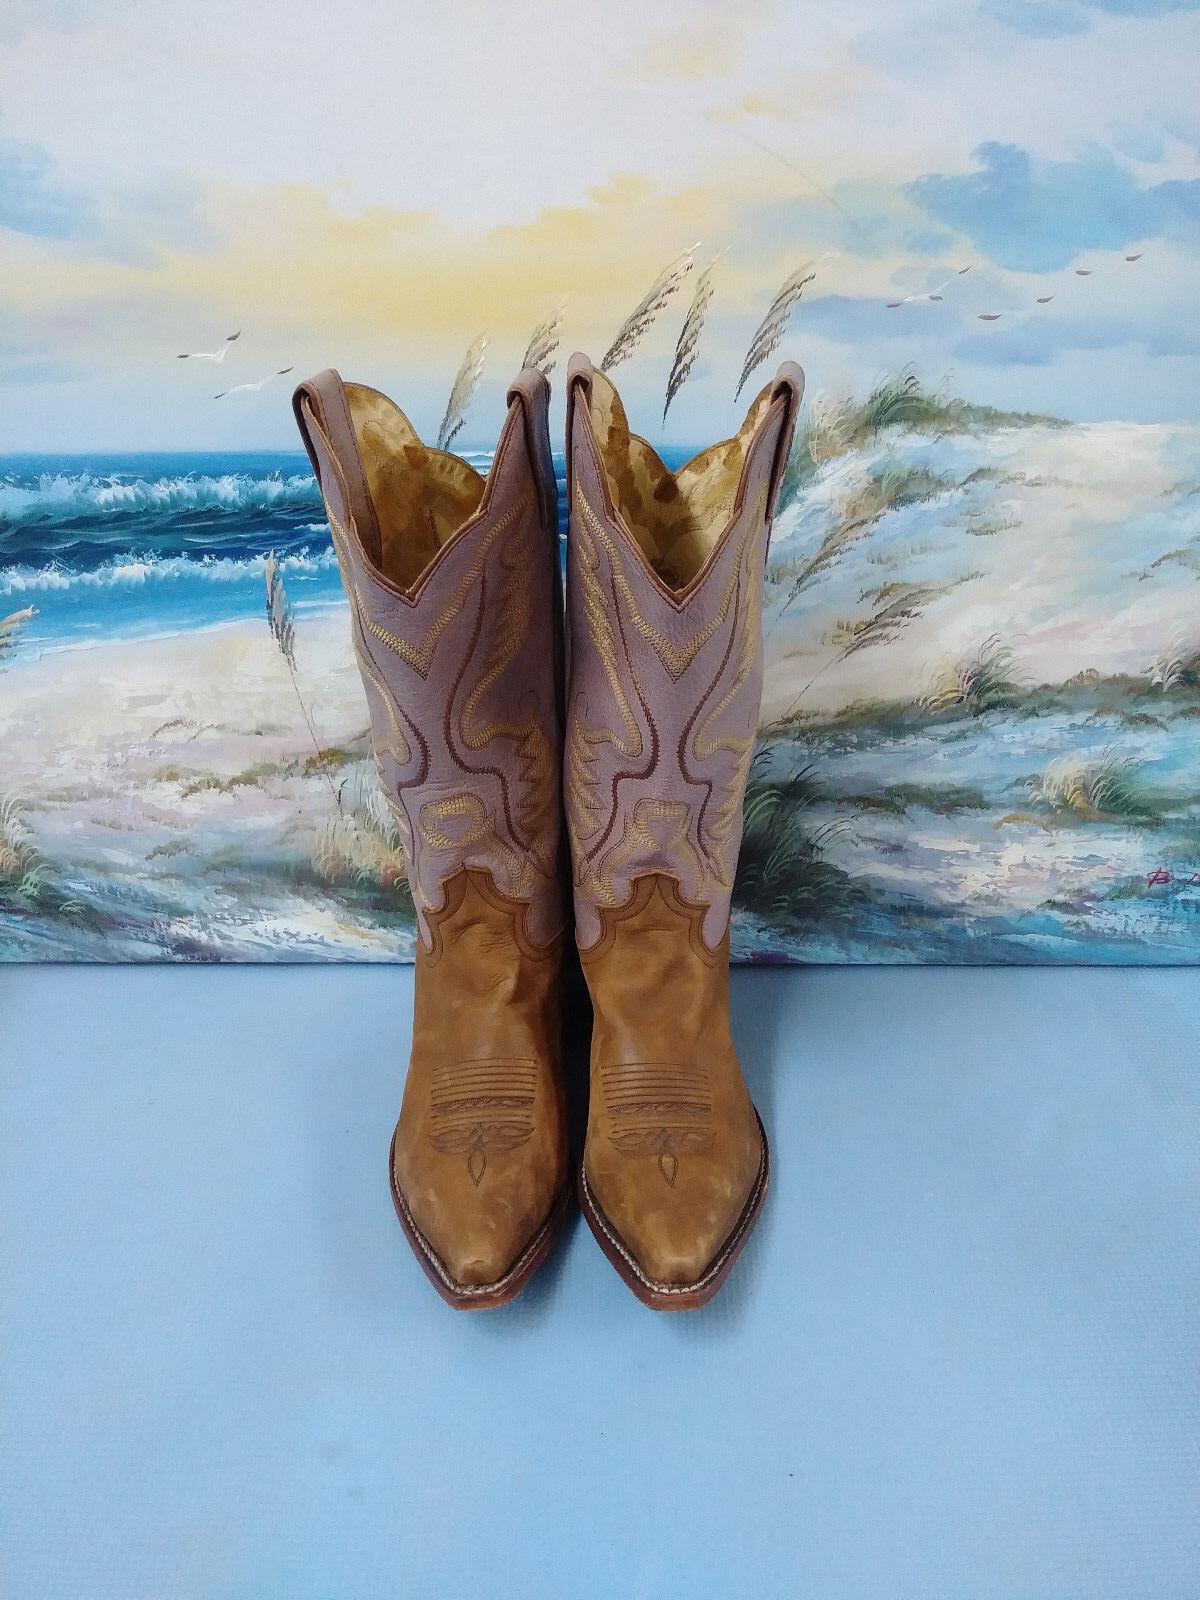 Justin cuero botas de vaquero para mujer Talla Talla Talla 7.5 C 5efb04